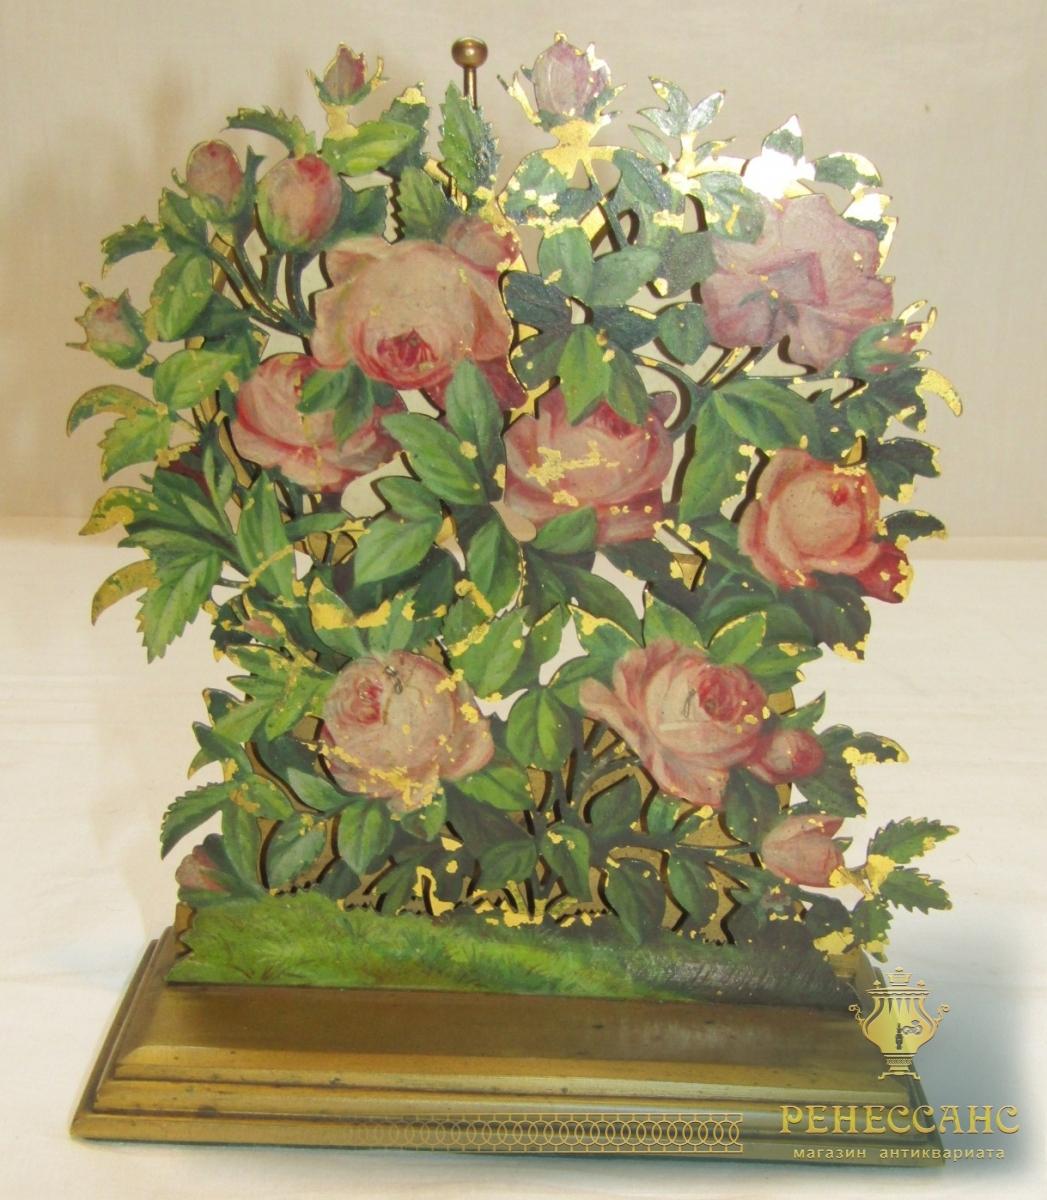 Фоторамка старинная в стиле модерн, бронза, эмаль, 19 век №5068